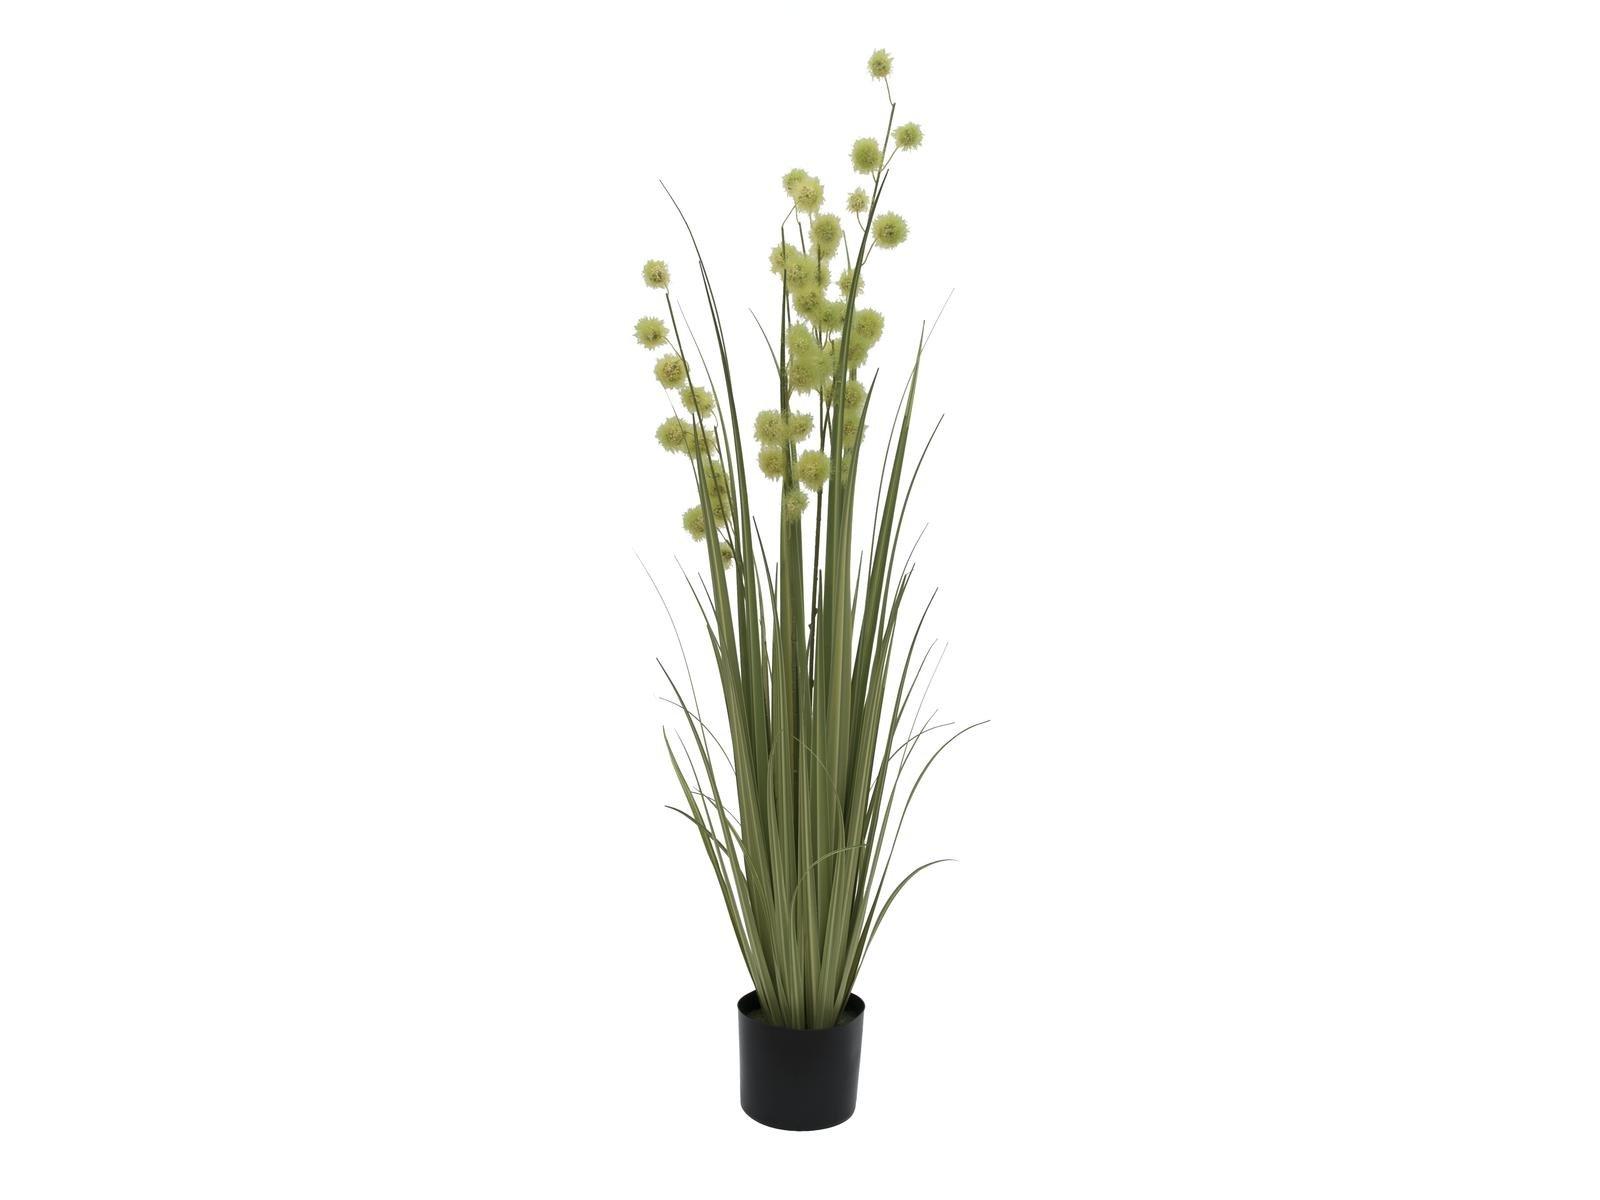 Artigroen kunstplanten & decoratie kunstplanten riet & grassen